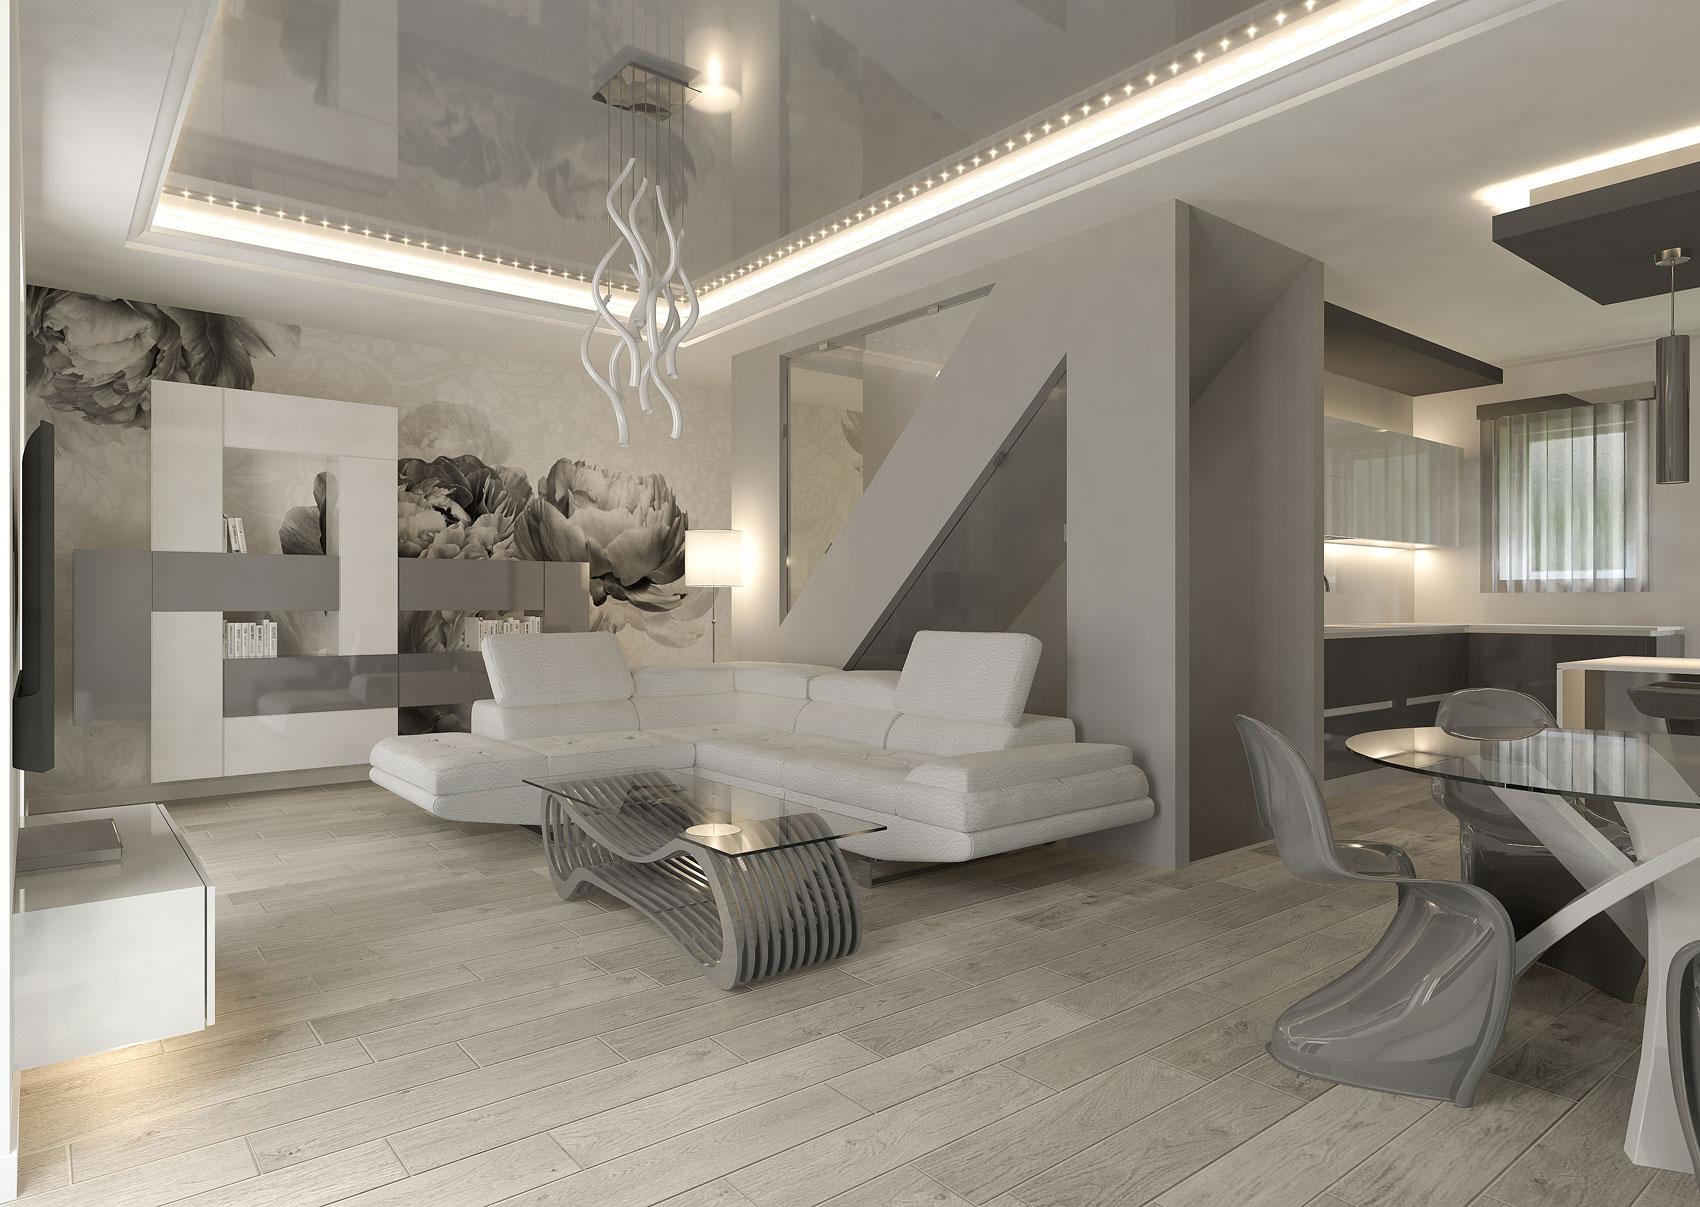 Geometrie abitative progetta ristruttura arreda for Arredamento x casa